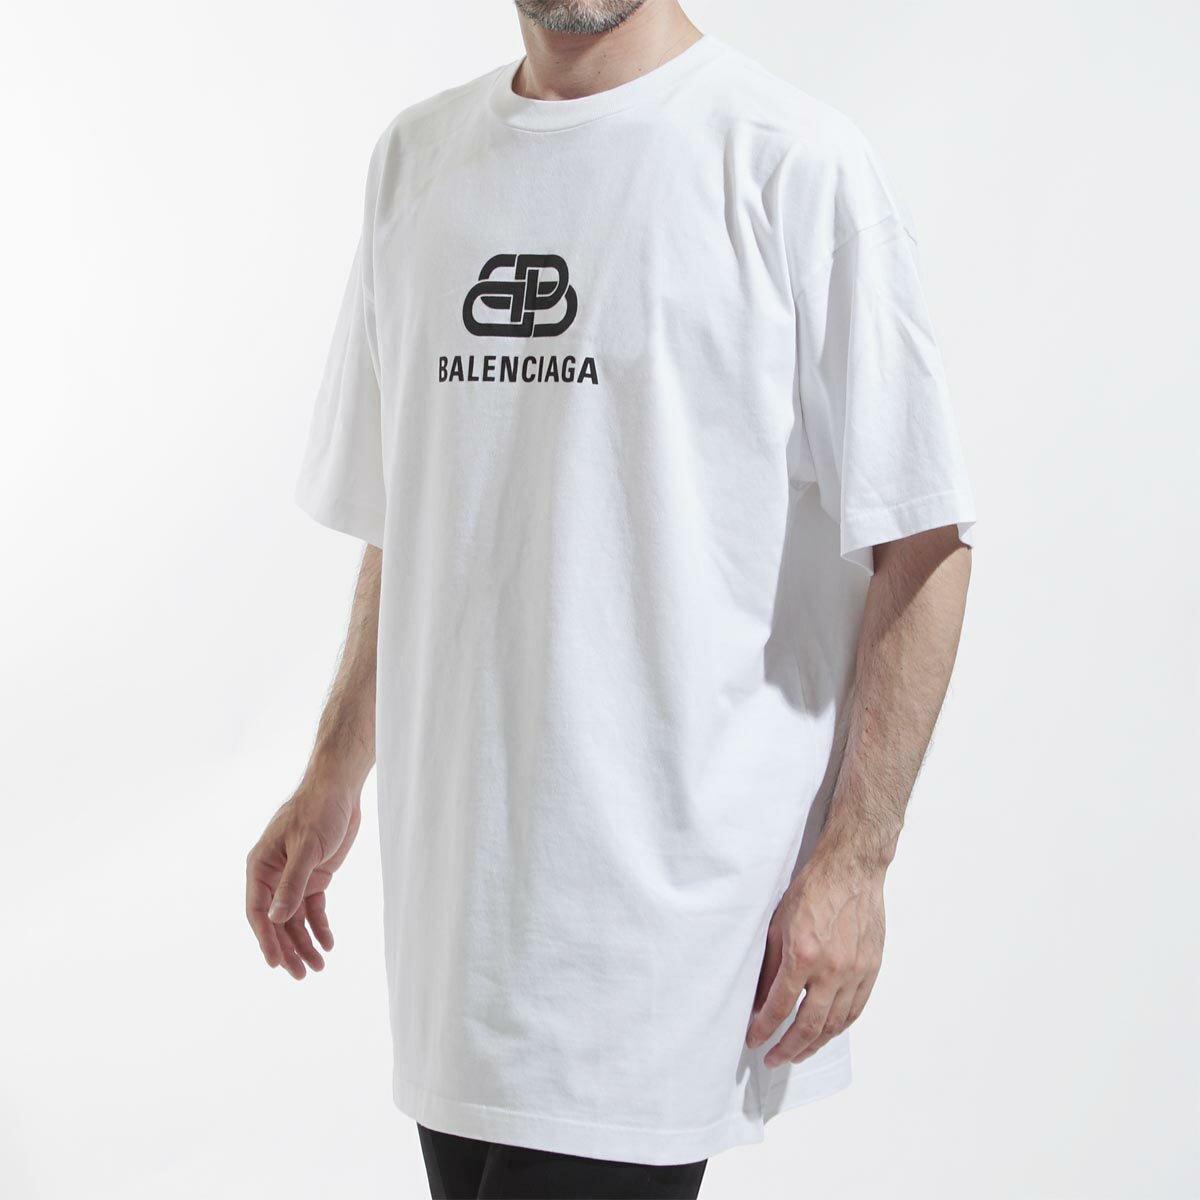 トップス, Tシャツ・カットソー  BALENCIAGA T 583214 tfv65 9040 BB OVERSIZE SHIRT